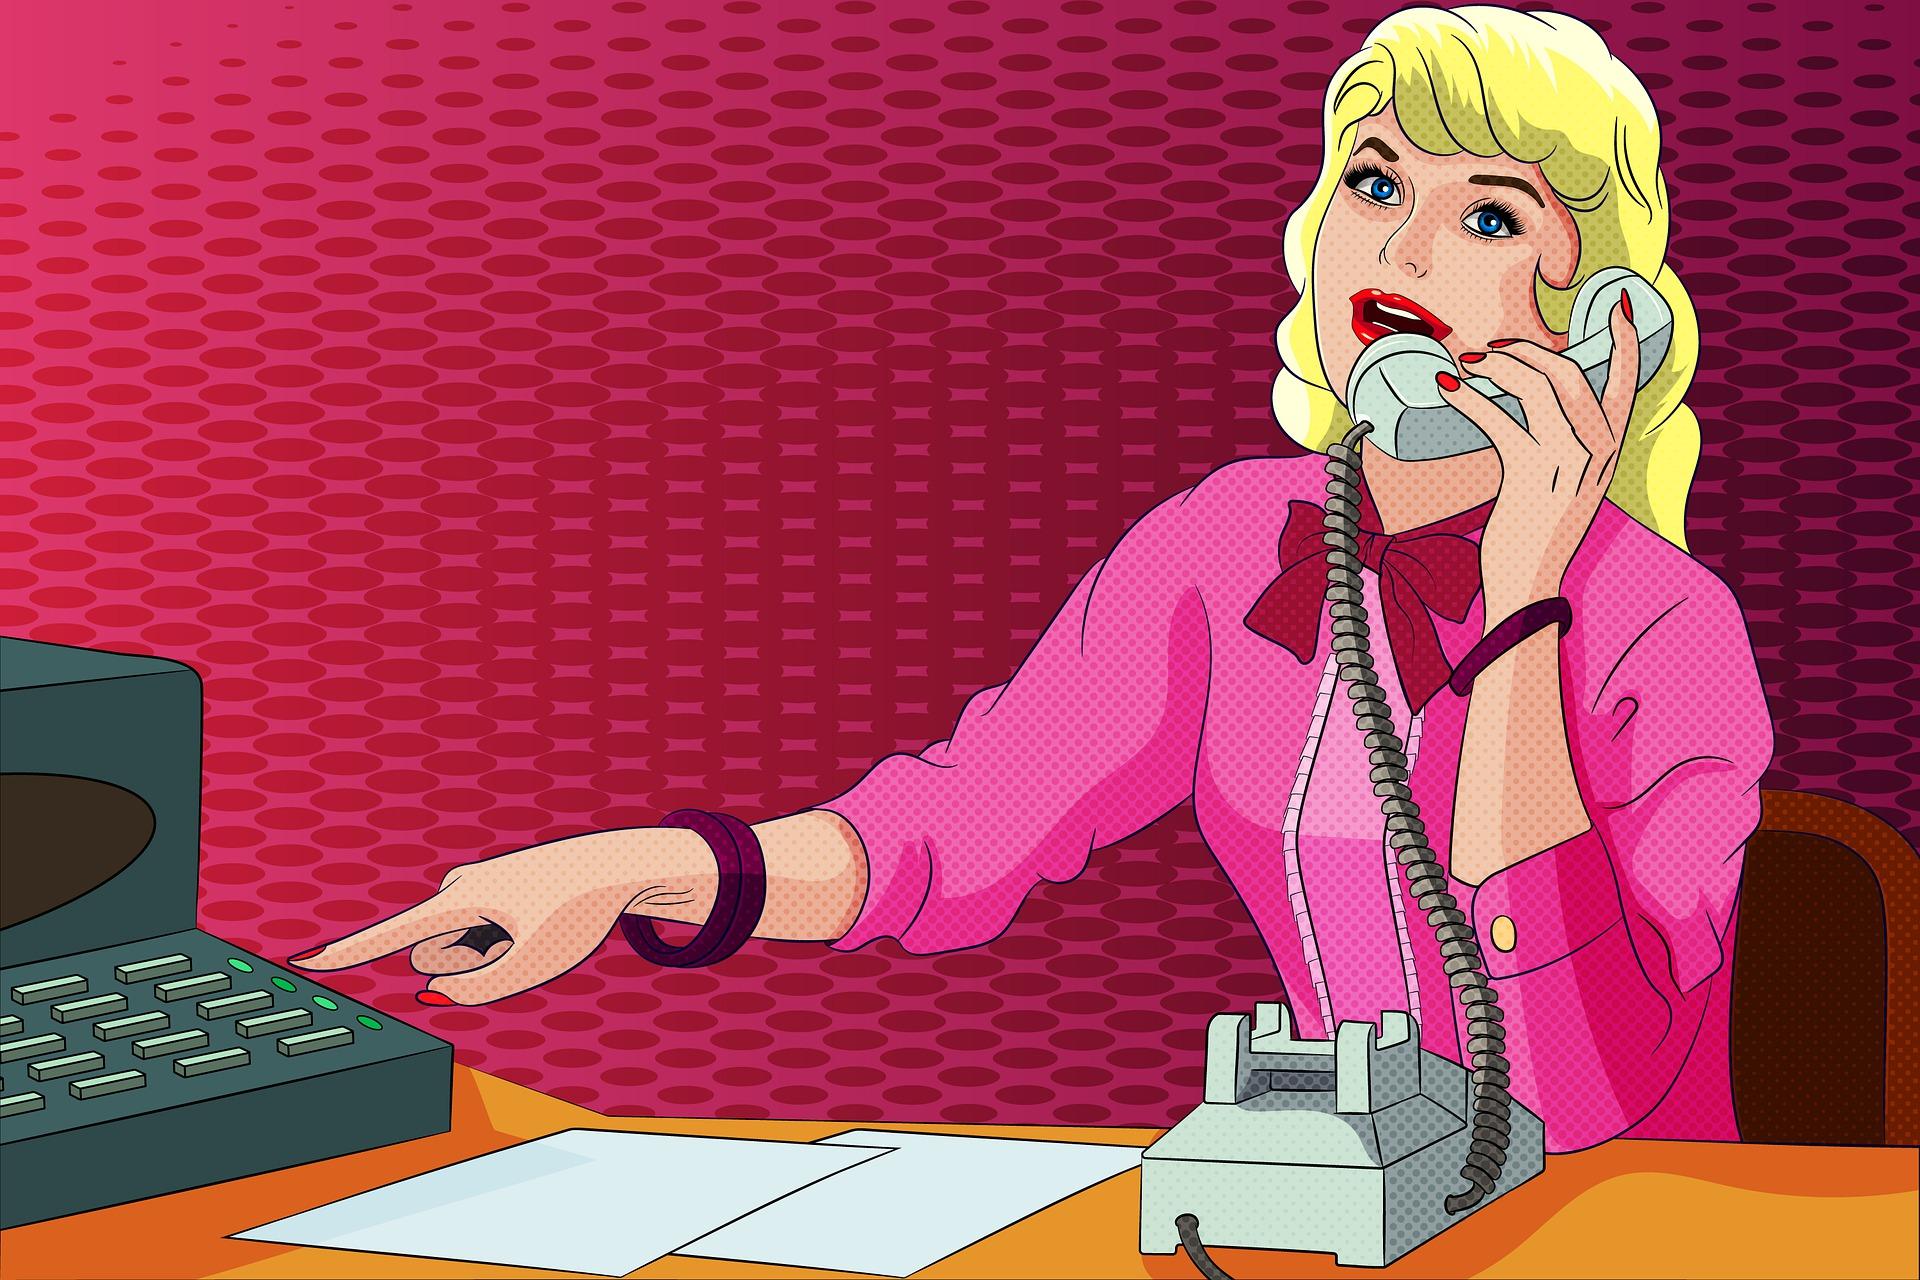 בעלי עסקים: שירותי משרד שיחסכו לכם כסף